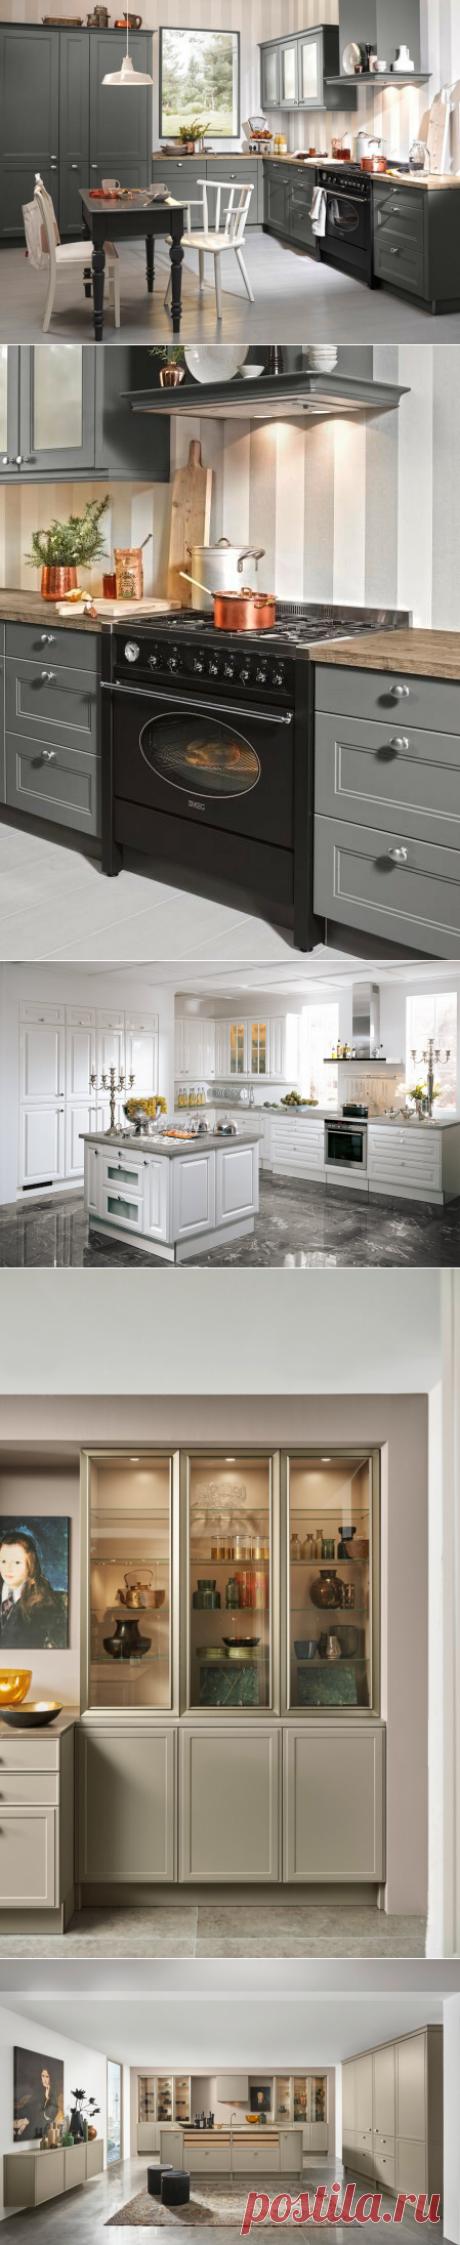 Какие модели кухонь выбирают в России 🇷🇺 | Nolte Küchen | Яндекс Дзен